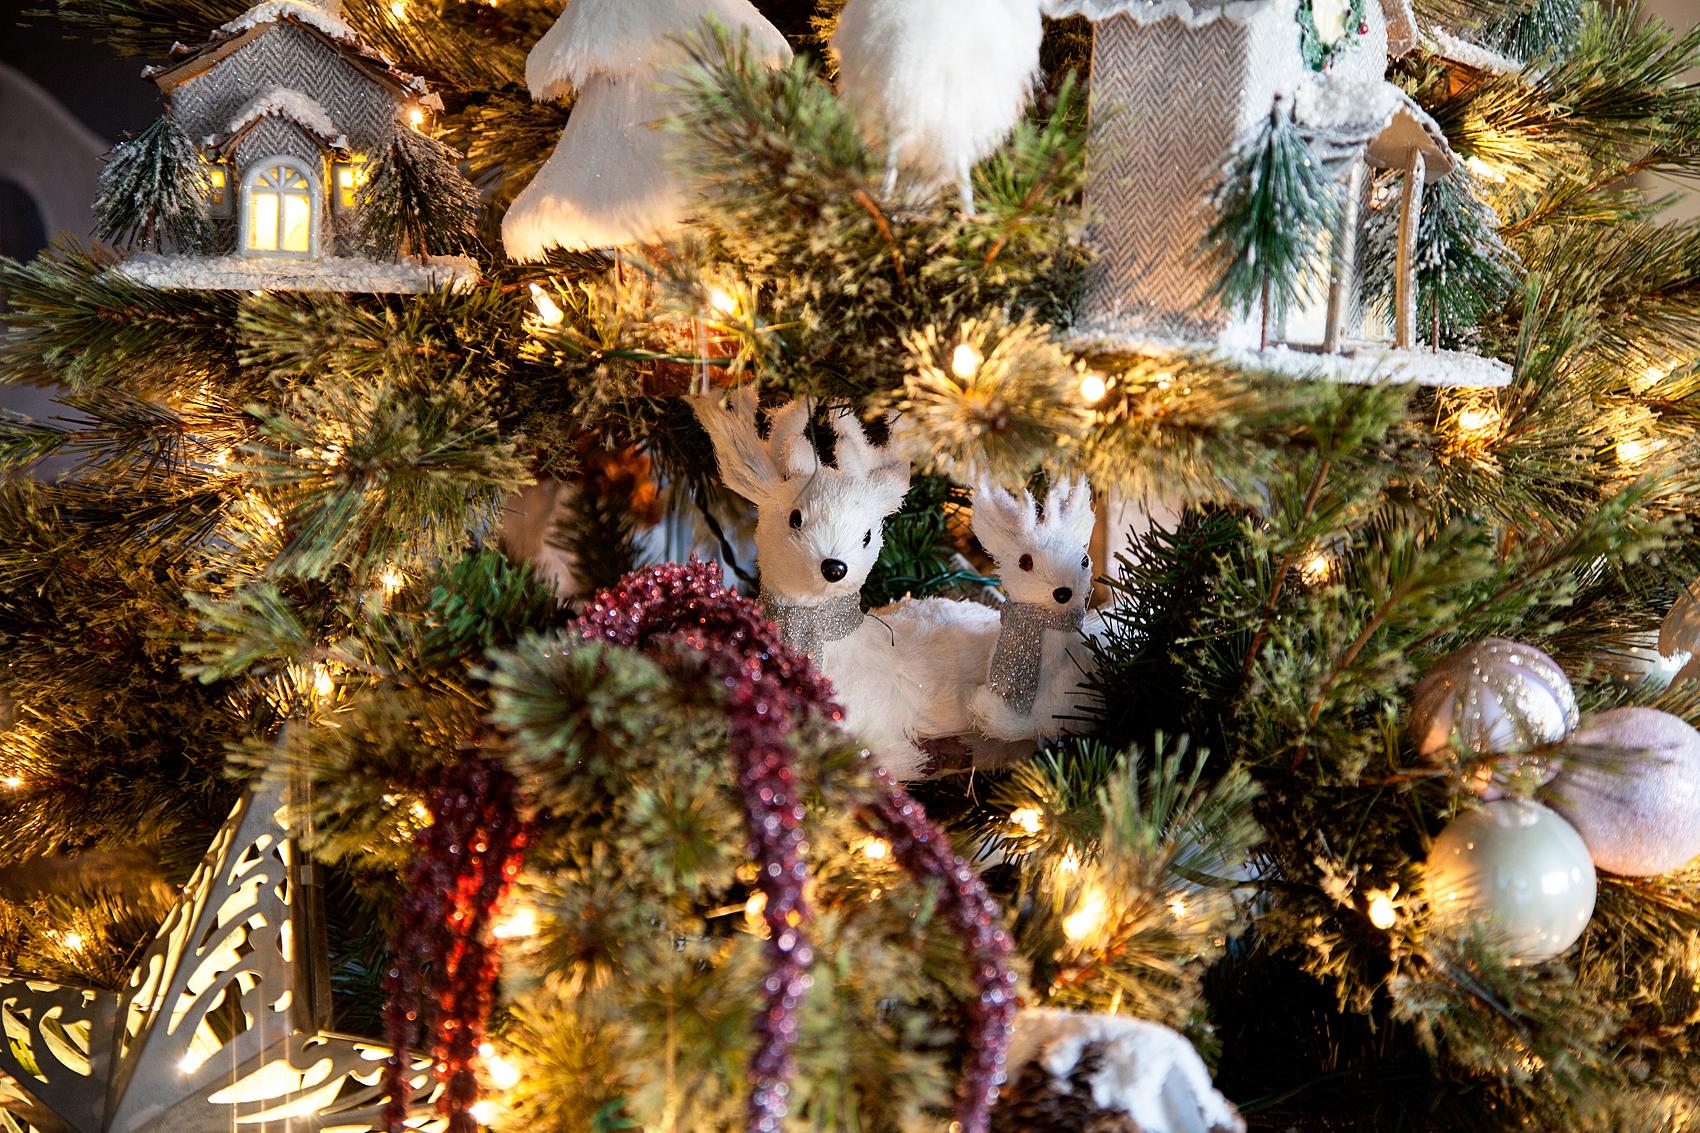 WhipperBerry's Christmas Dream Tree for Michaels